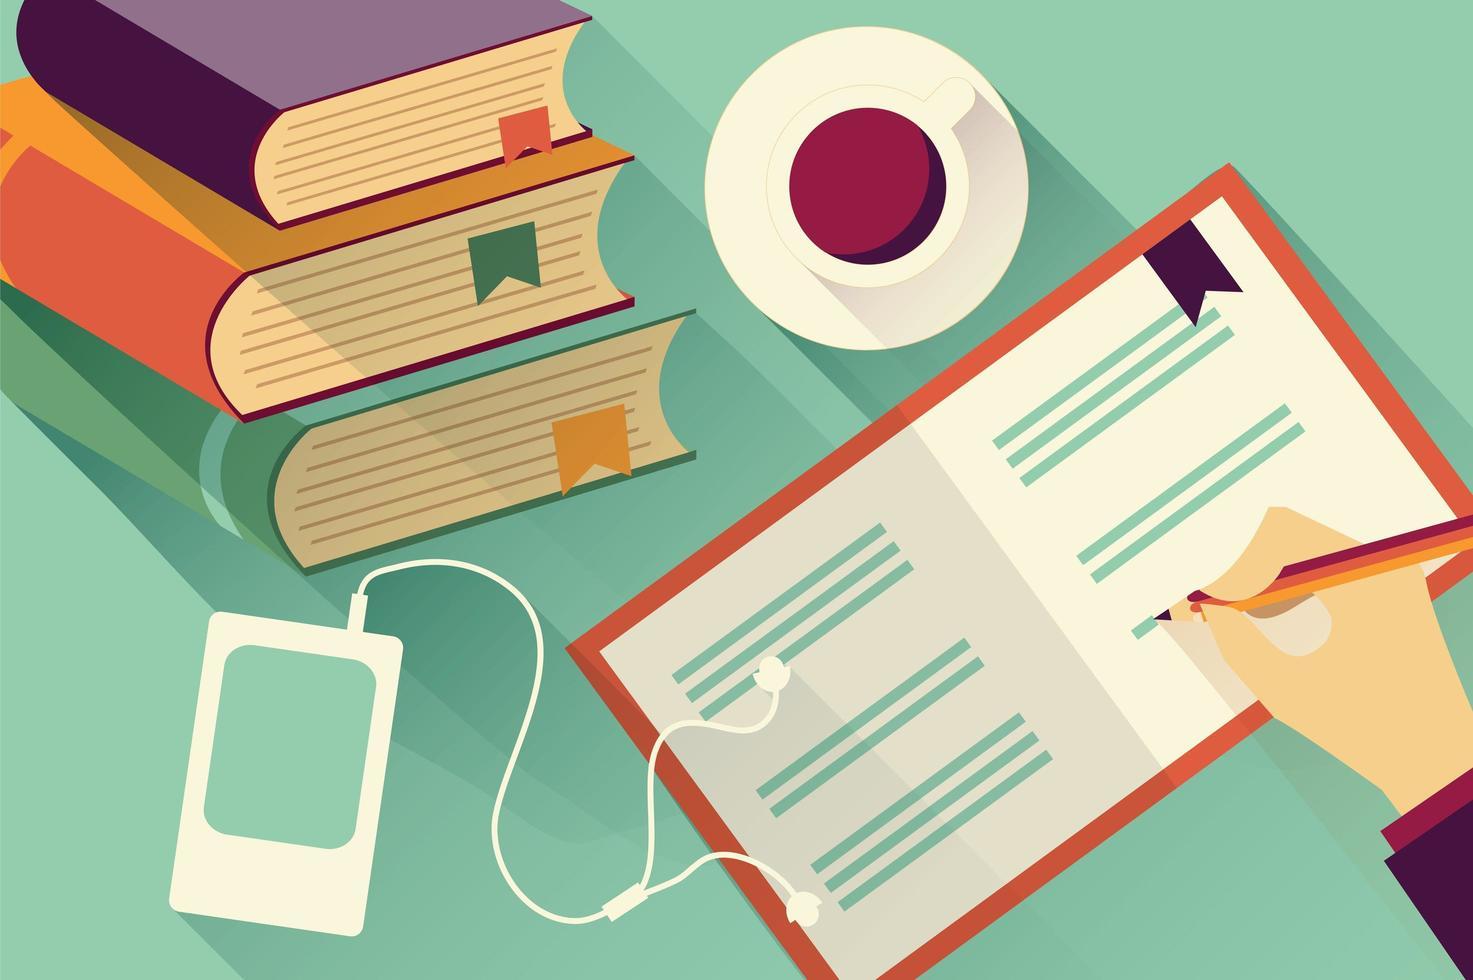 In Notizbuchhintergrund mit Büchern und Kaffee schreiben vektor